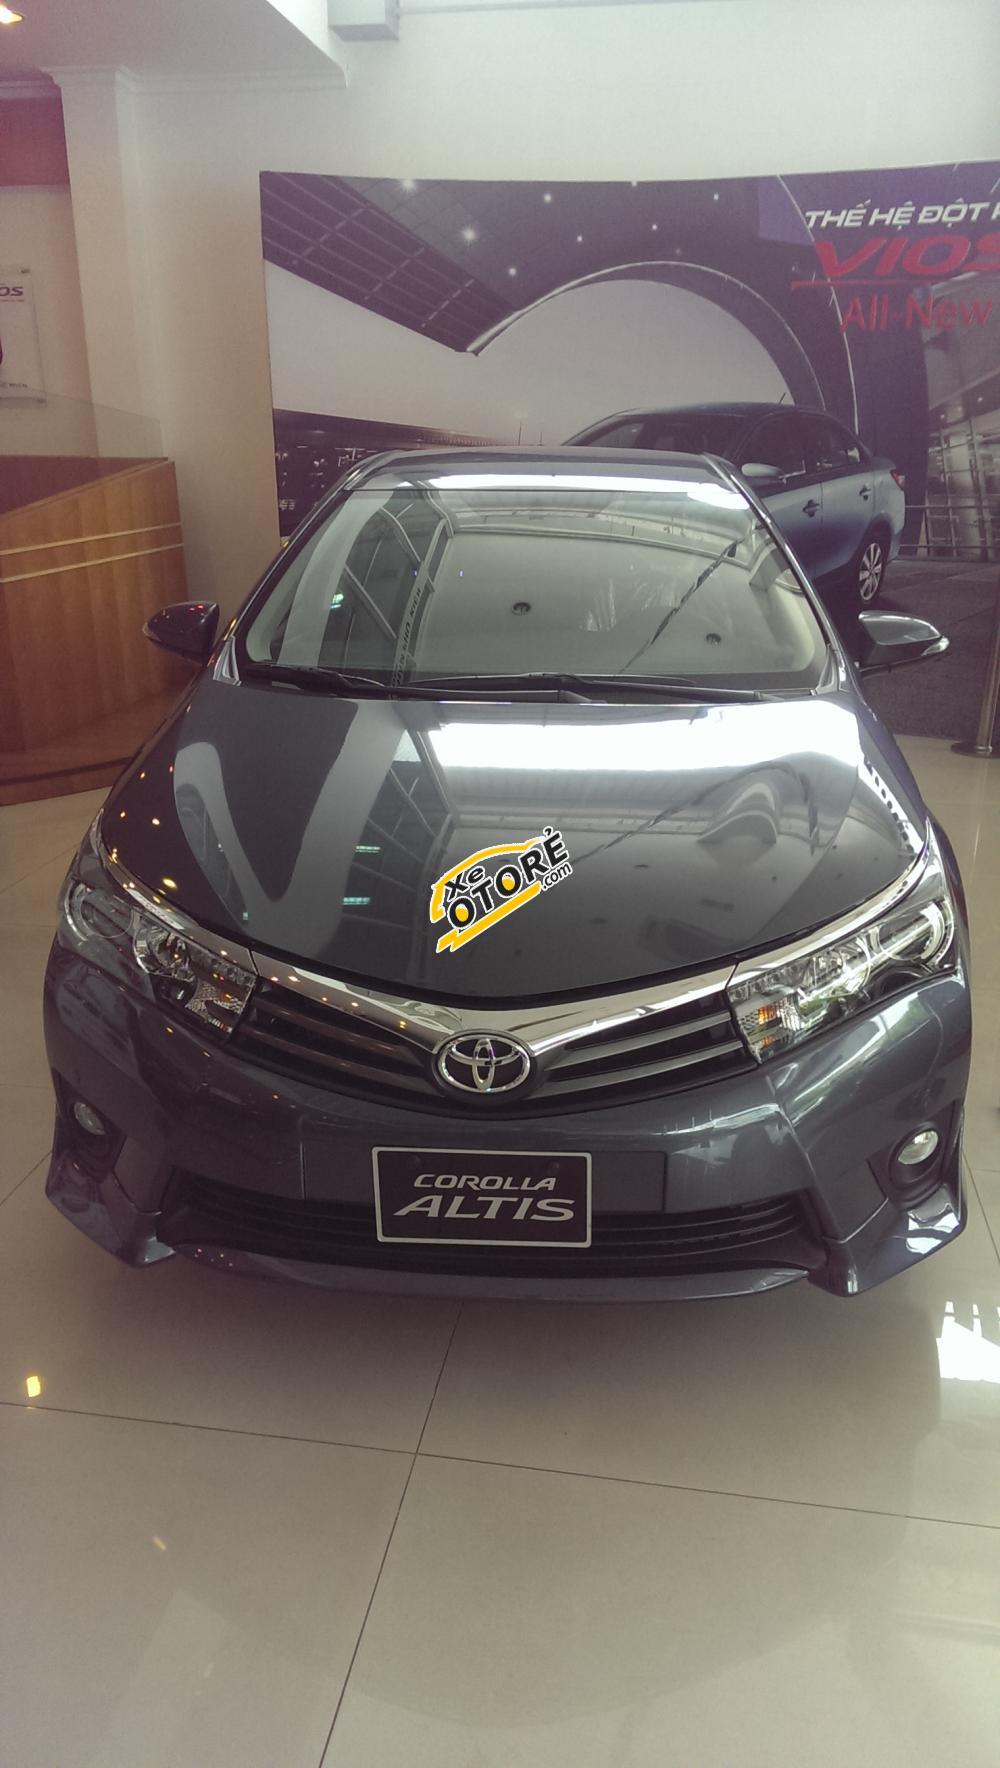 Toyota Gò Vấp cần bán xe Toyota Corolla Altis 2.0 V, giá 900 triệu giao ngay đời 2016